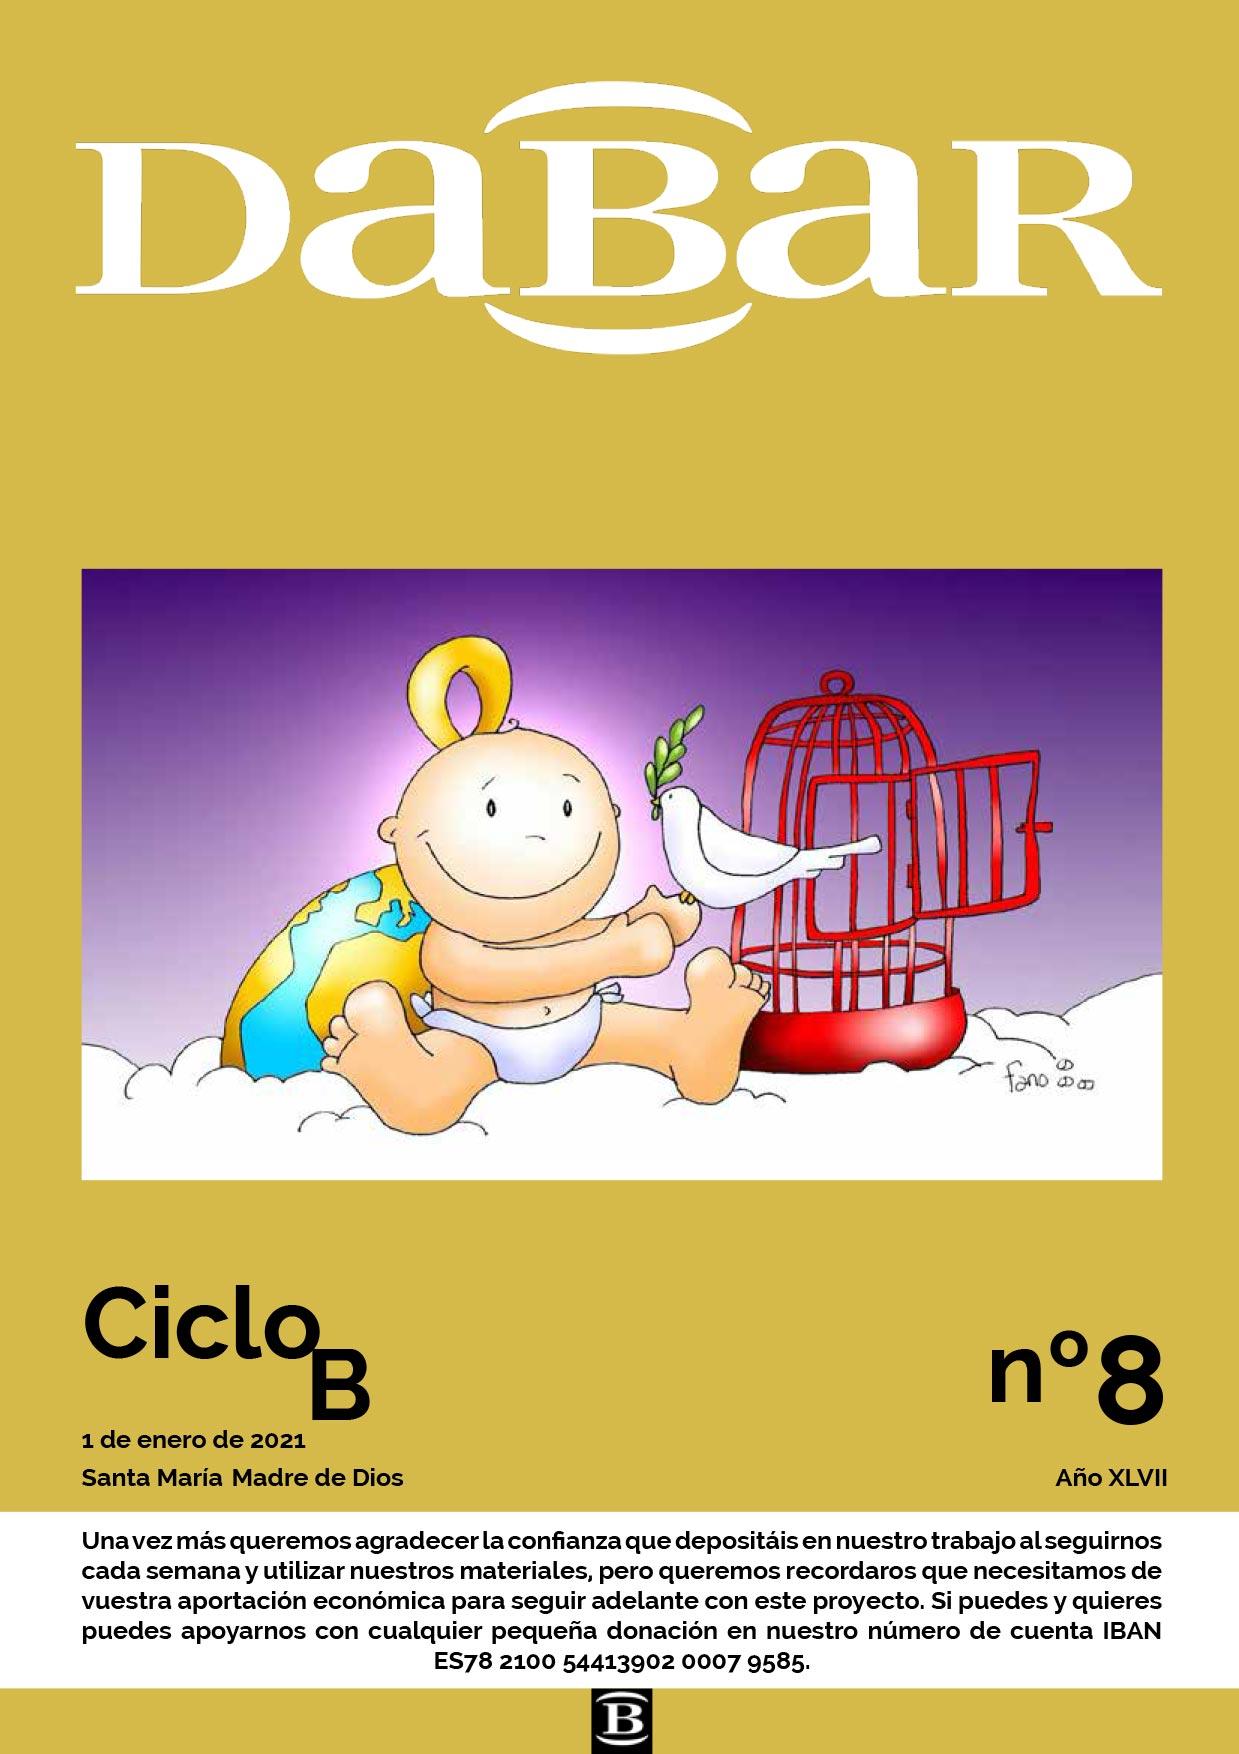 Dabar Revista numero 8 ciclo B